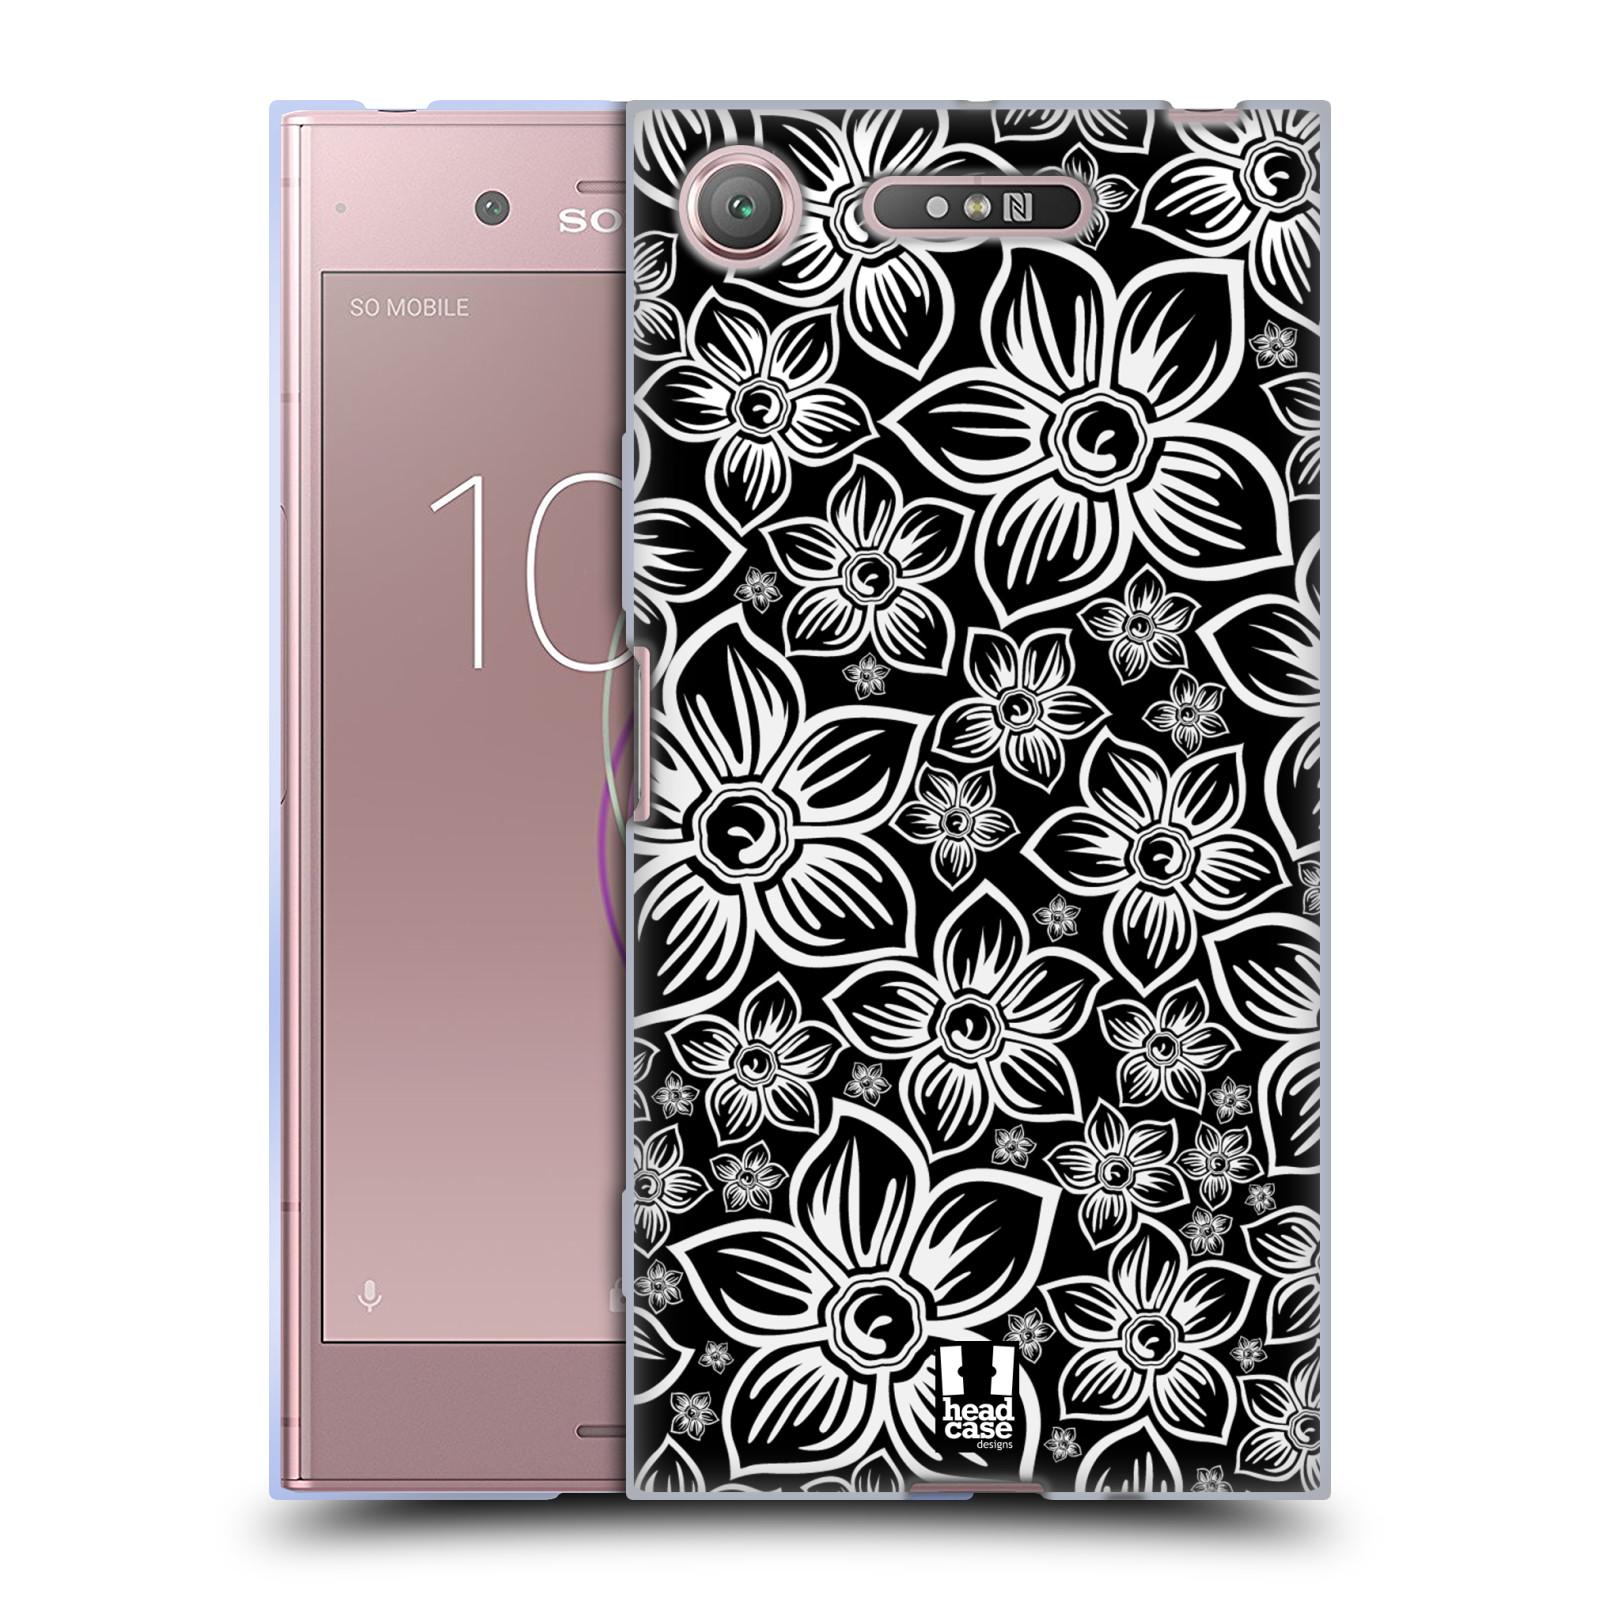 Silikonové pouzdro na mobil Sony Xperia XZ1 - Head Case - FLORAL DAISY